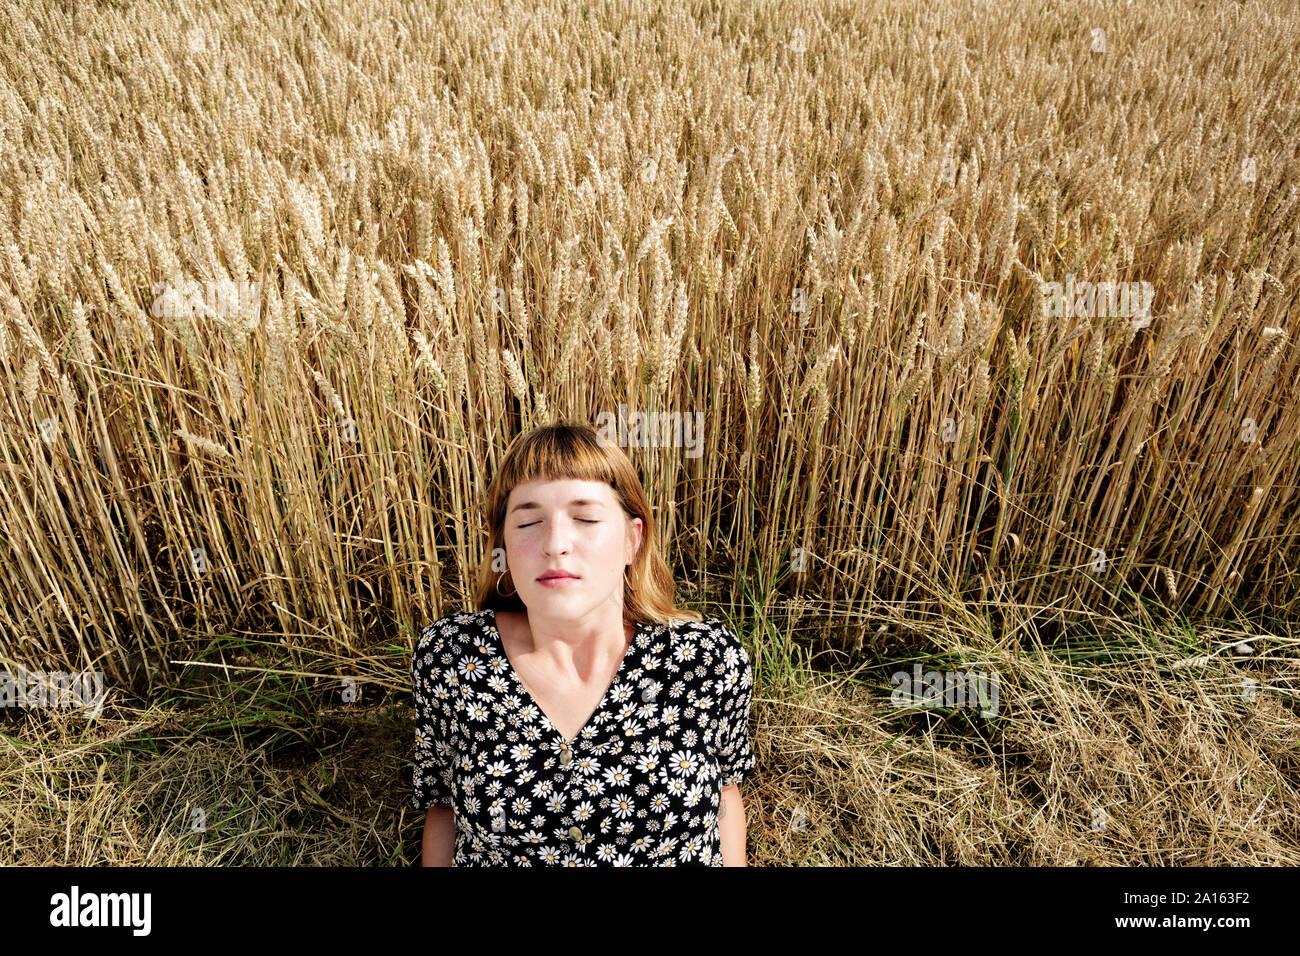 Ritratto di giovane donna con gli occhi chiusi rilassante nella parte anteriore del campo di grano Foto Stock